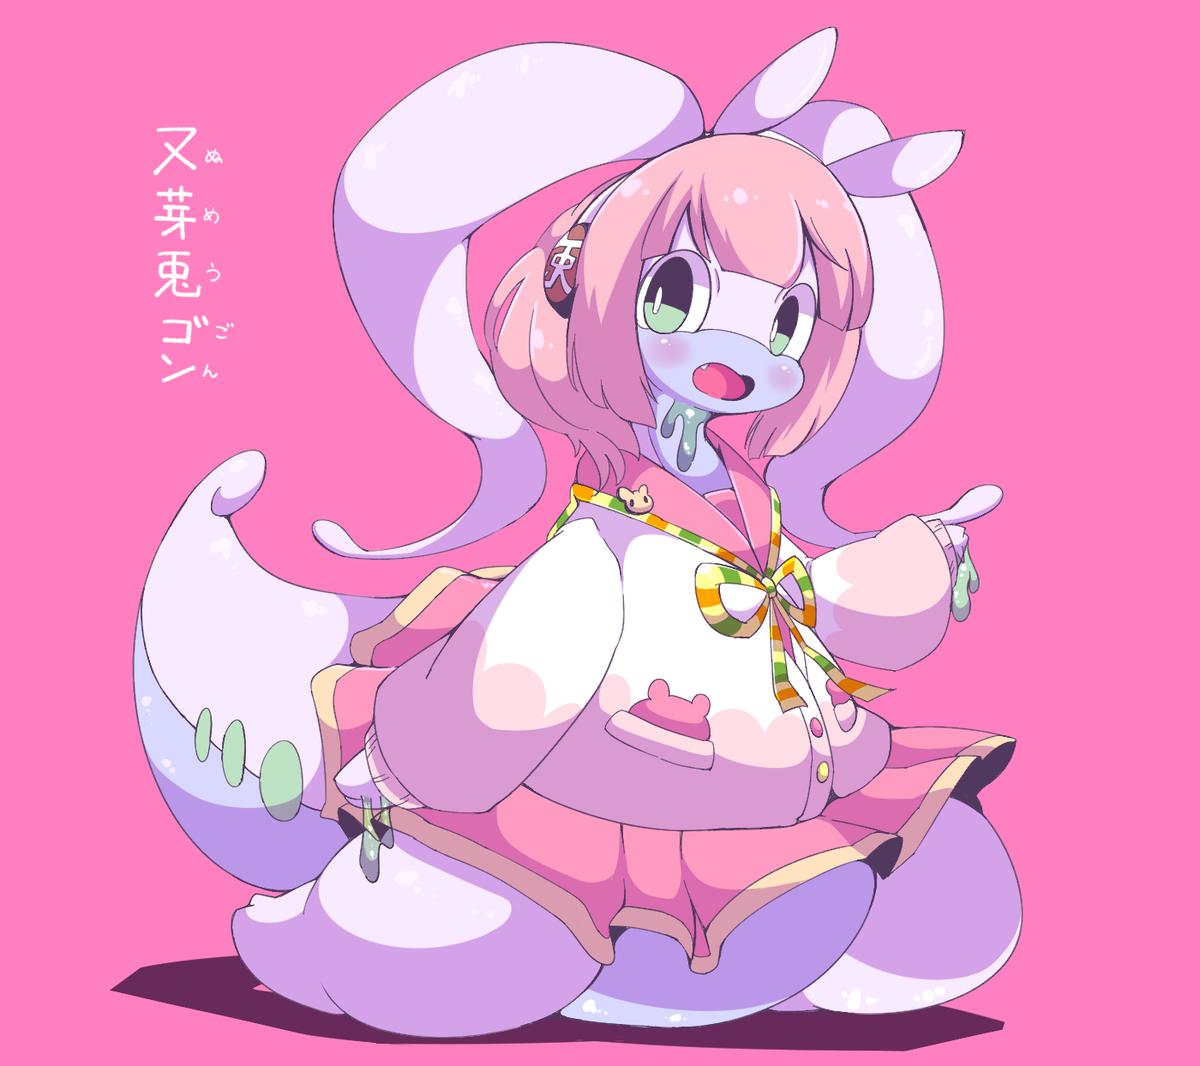 ヌメルゴン+芽兎めう https://t.co/beSmanizlM